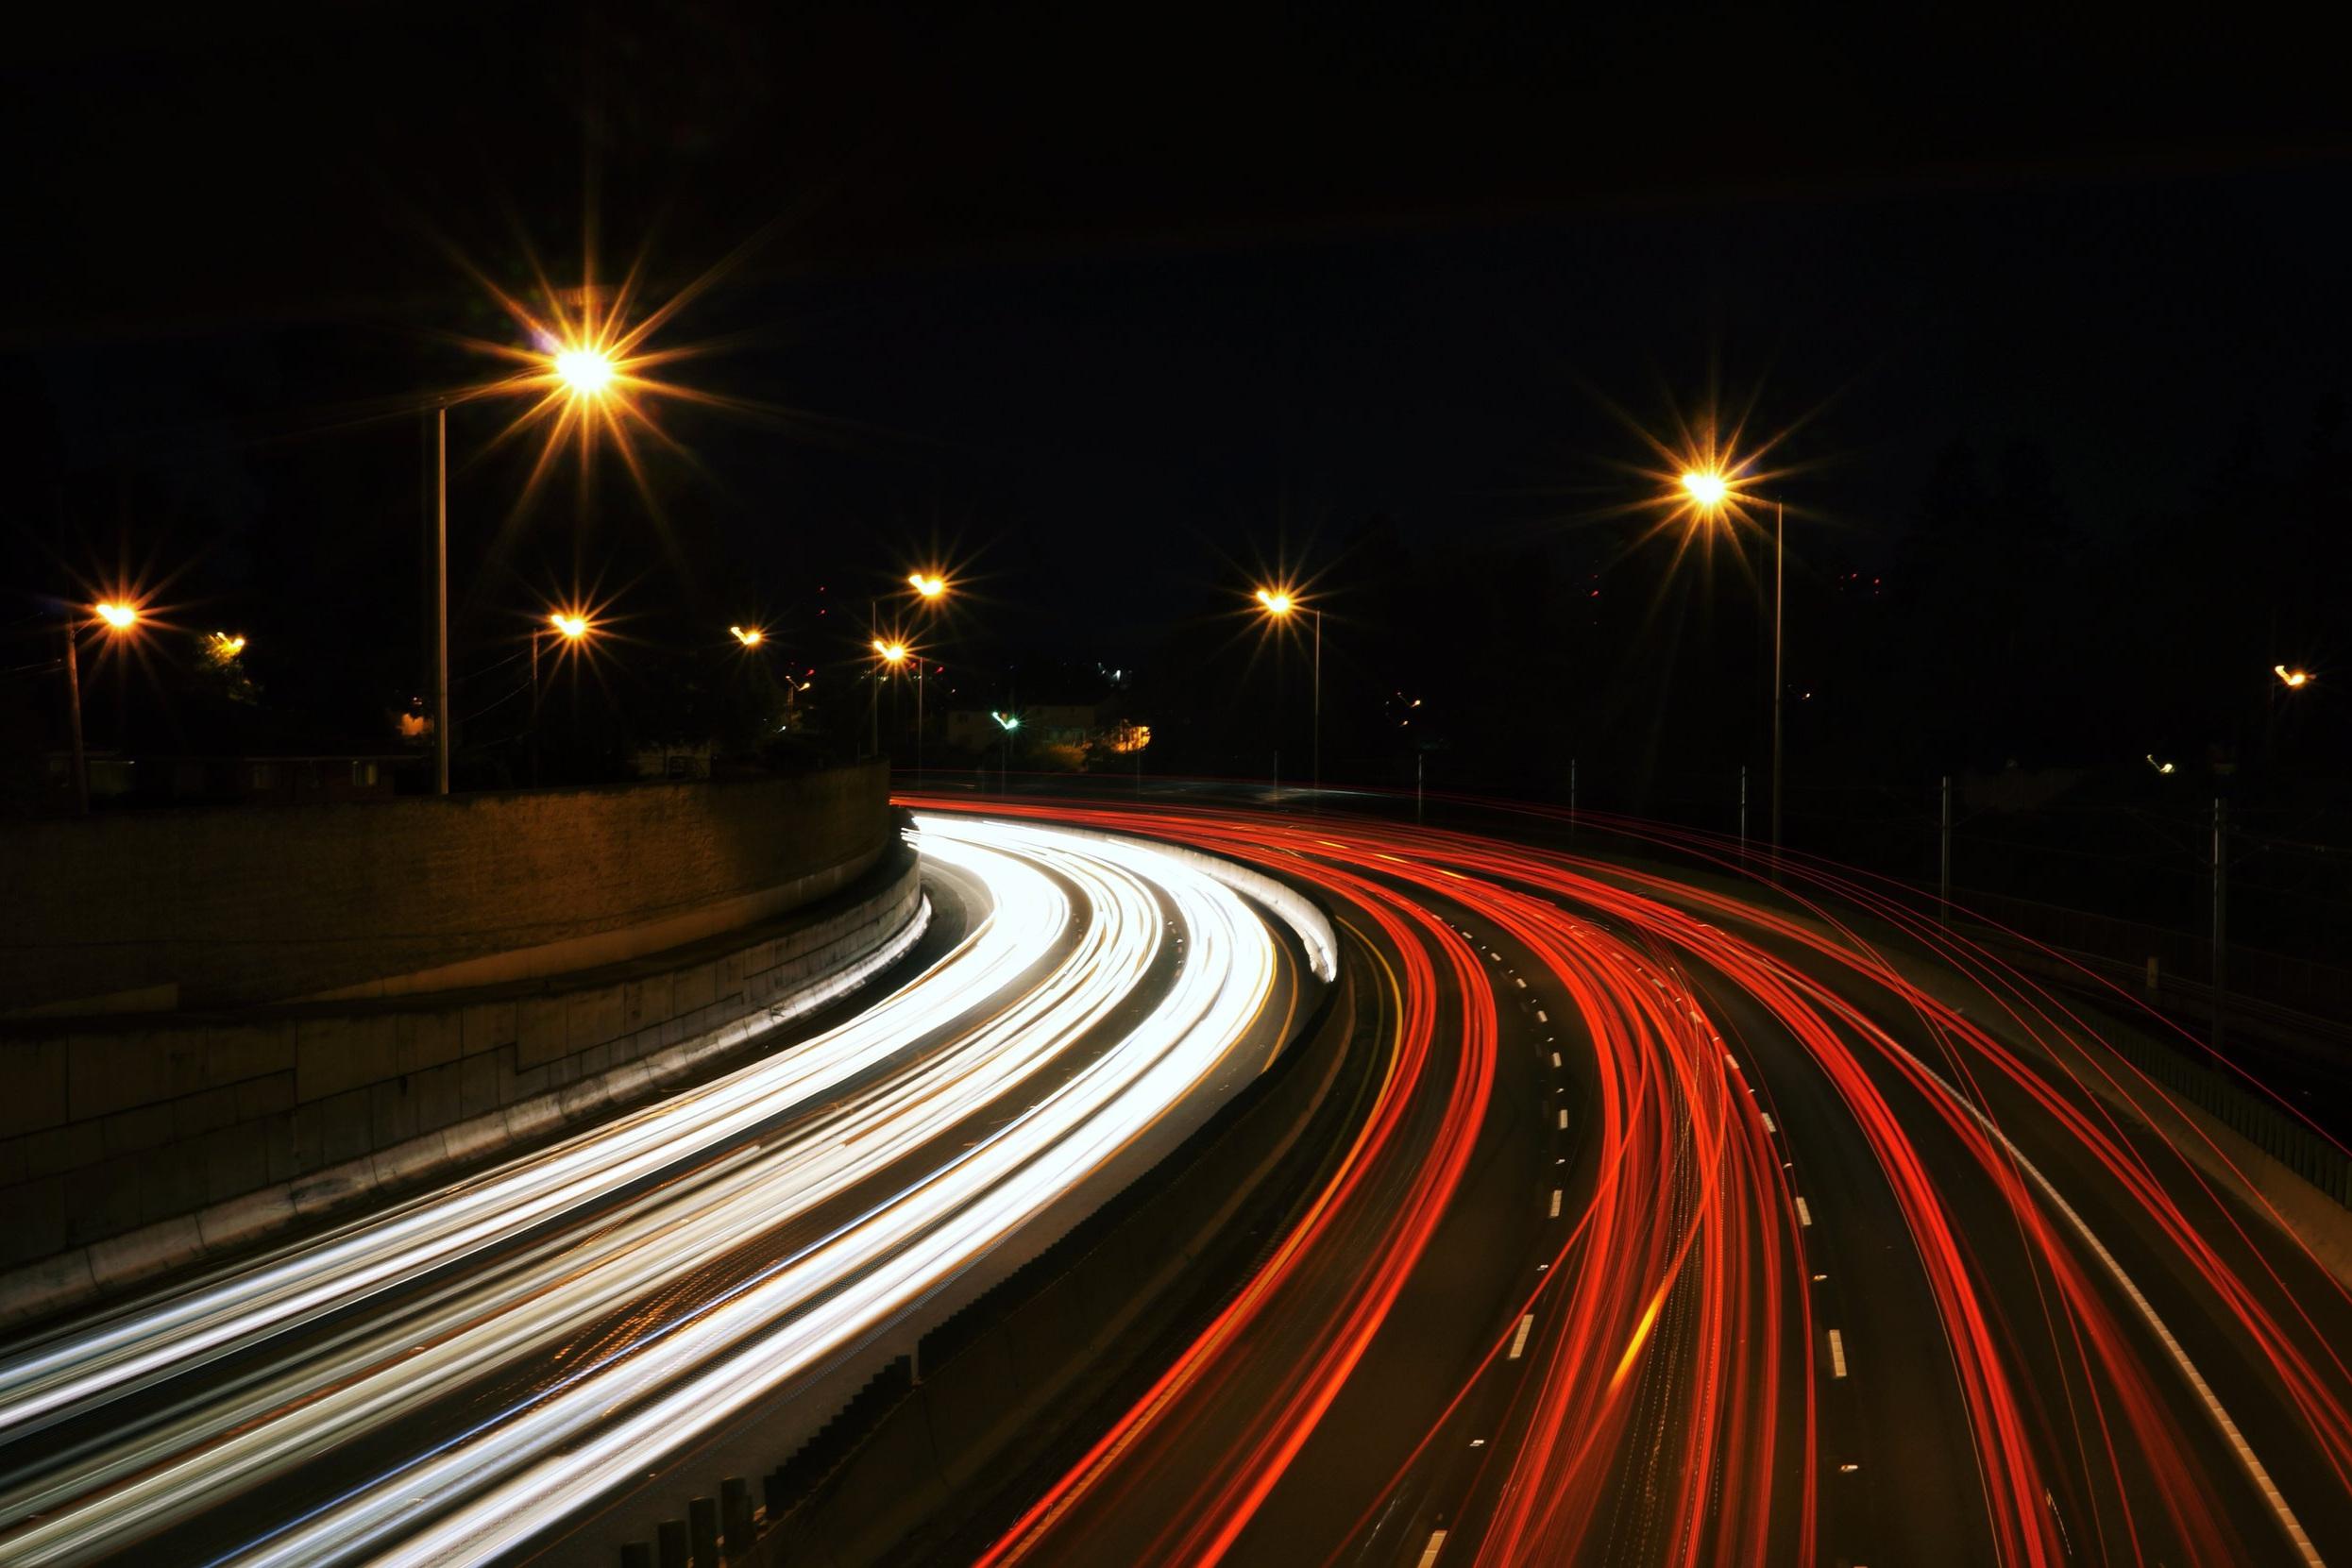 Mer miljøvennlig transport - Vi kjøper alltid i større kvantum for å redusere fraktkostnader og spare miljøet for unødig tungtrafikk på veiene.